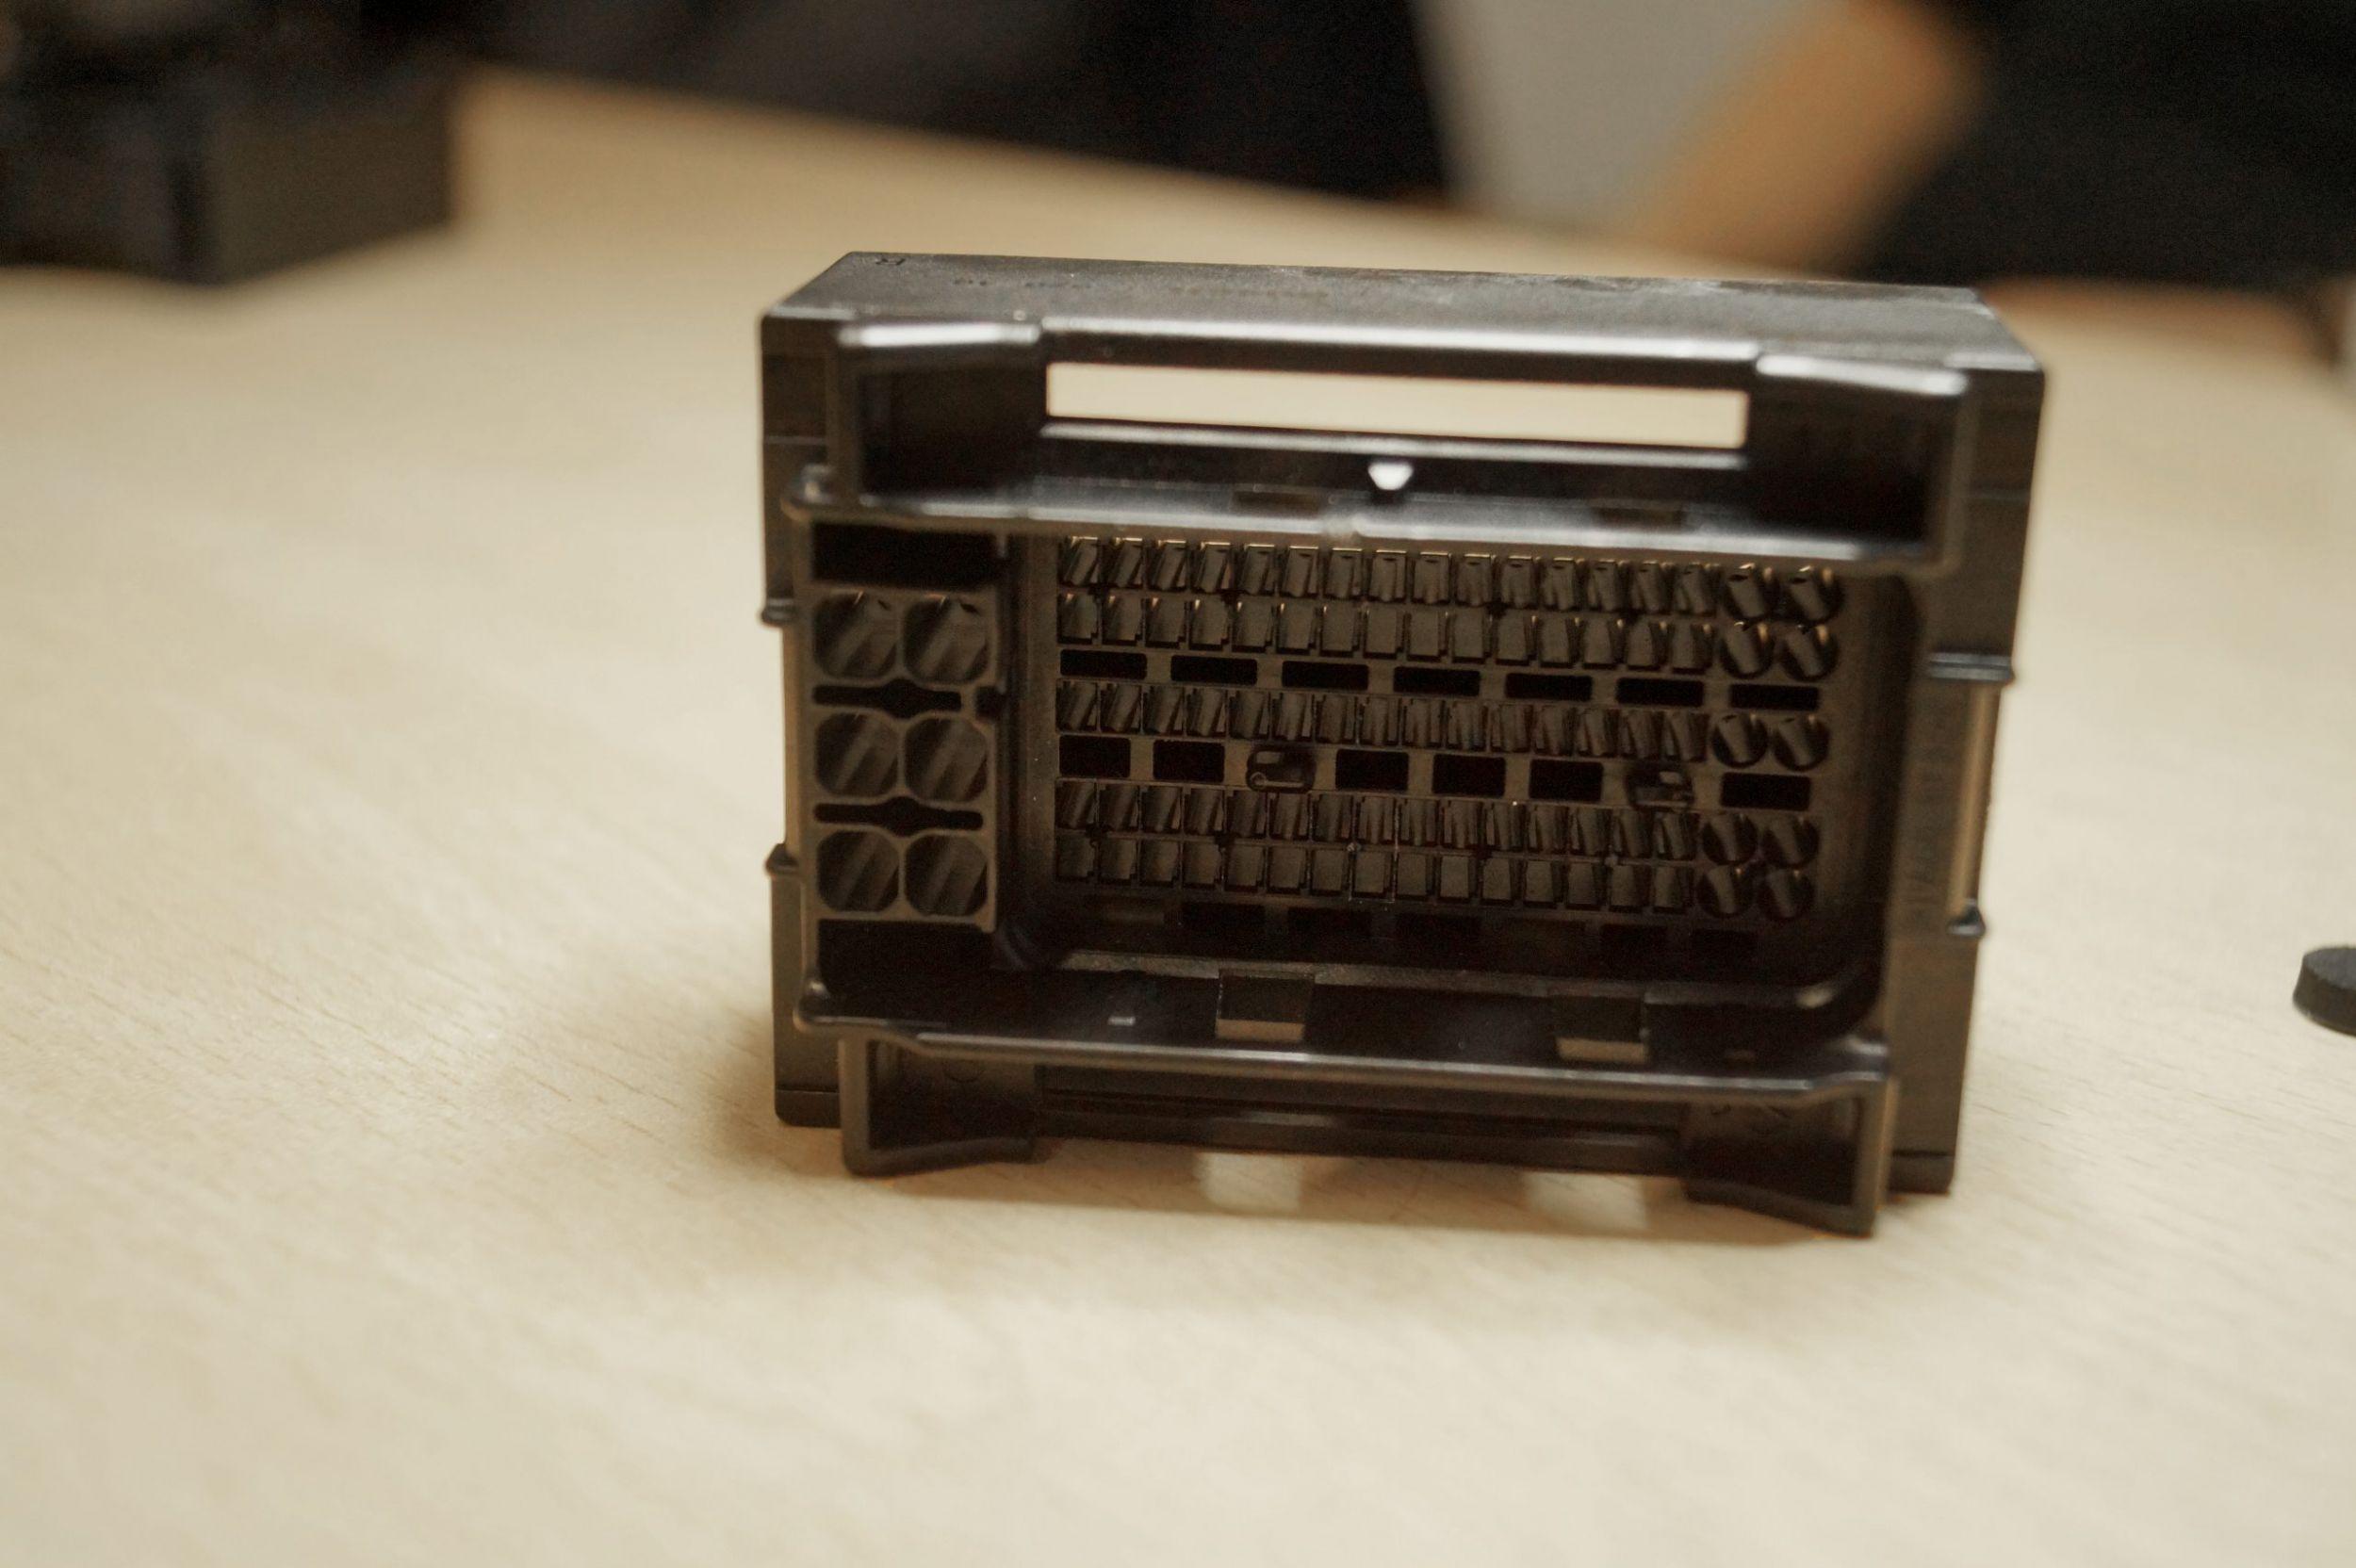 In diesem Test wurde zielsicher ein besonders undankbares Testobjekt ausgewählt – schwarz, klein und kompliziert aufgebaut. (Bild: TeDo Verlag GmbH)